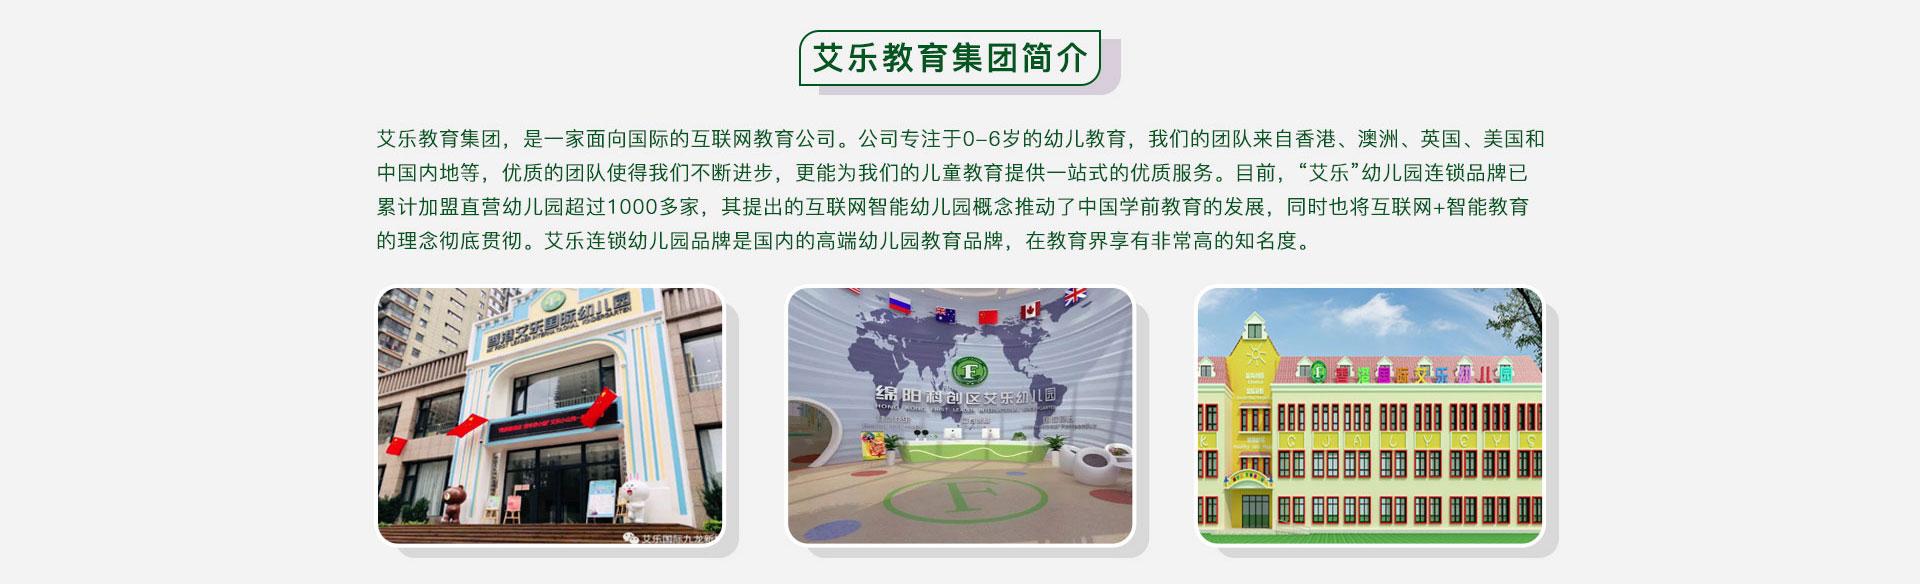 香港艾乐国际幼儿园al_09